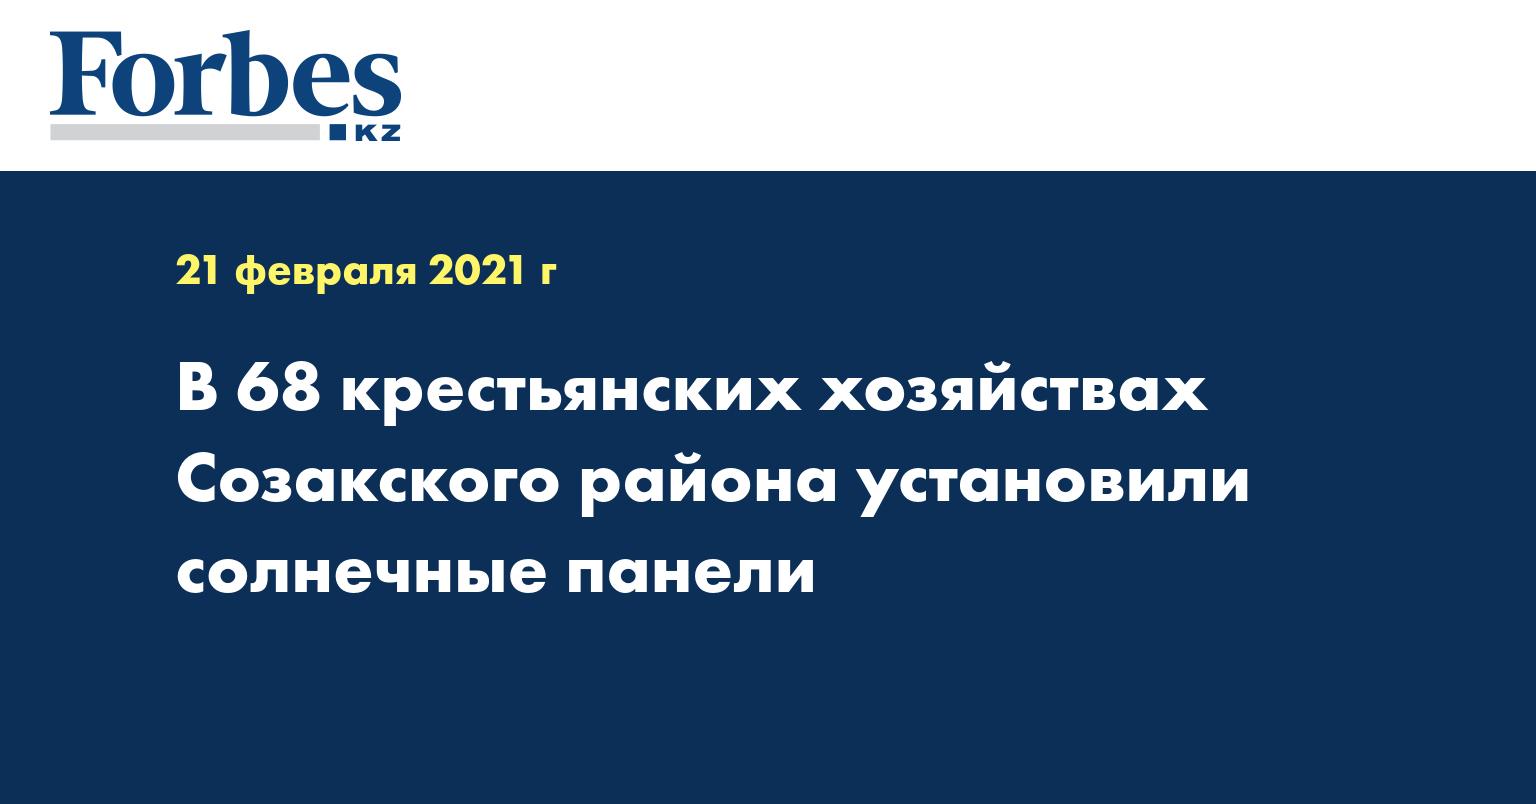 В 68 крестьянских хозяйствах Созакского района установили солнечные панели